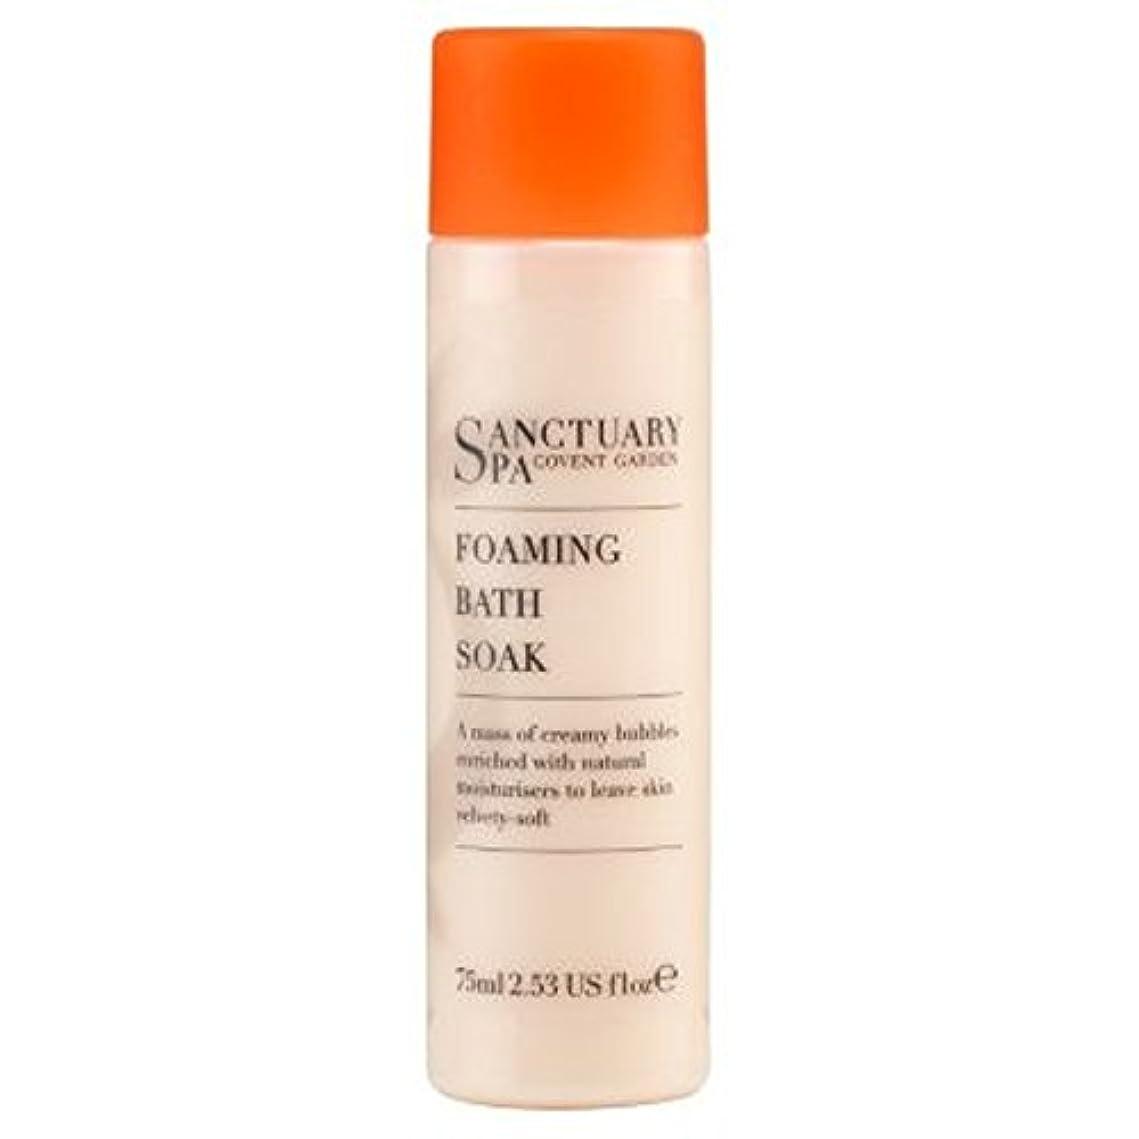 パーチナシティパテスラム聖域ミニ75ミリリットルを浸し風呂発泡 (Sanctuary) (x2) - Sanctuary mini Foaming Bath Soak 75ml (Pack of 2) [並行輸入品]